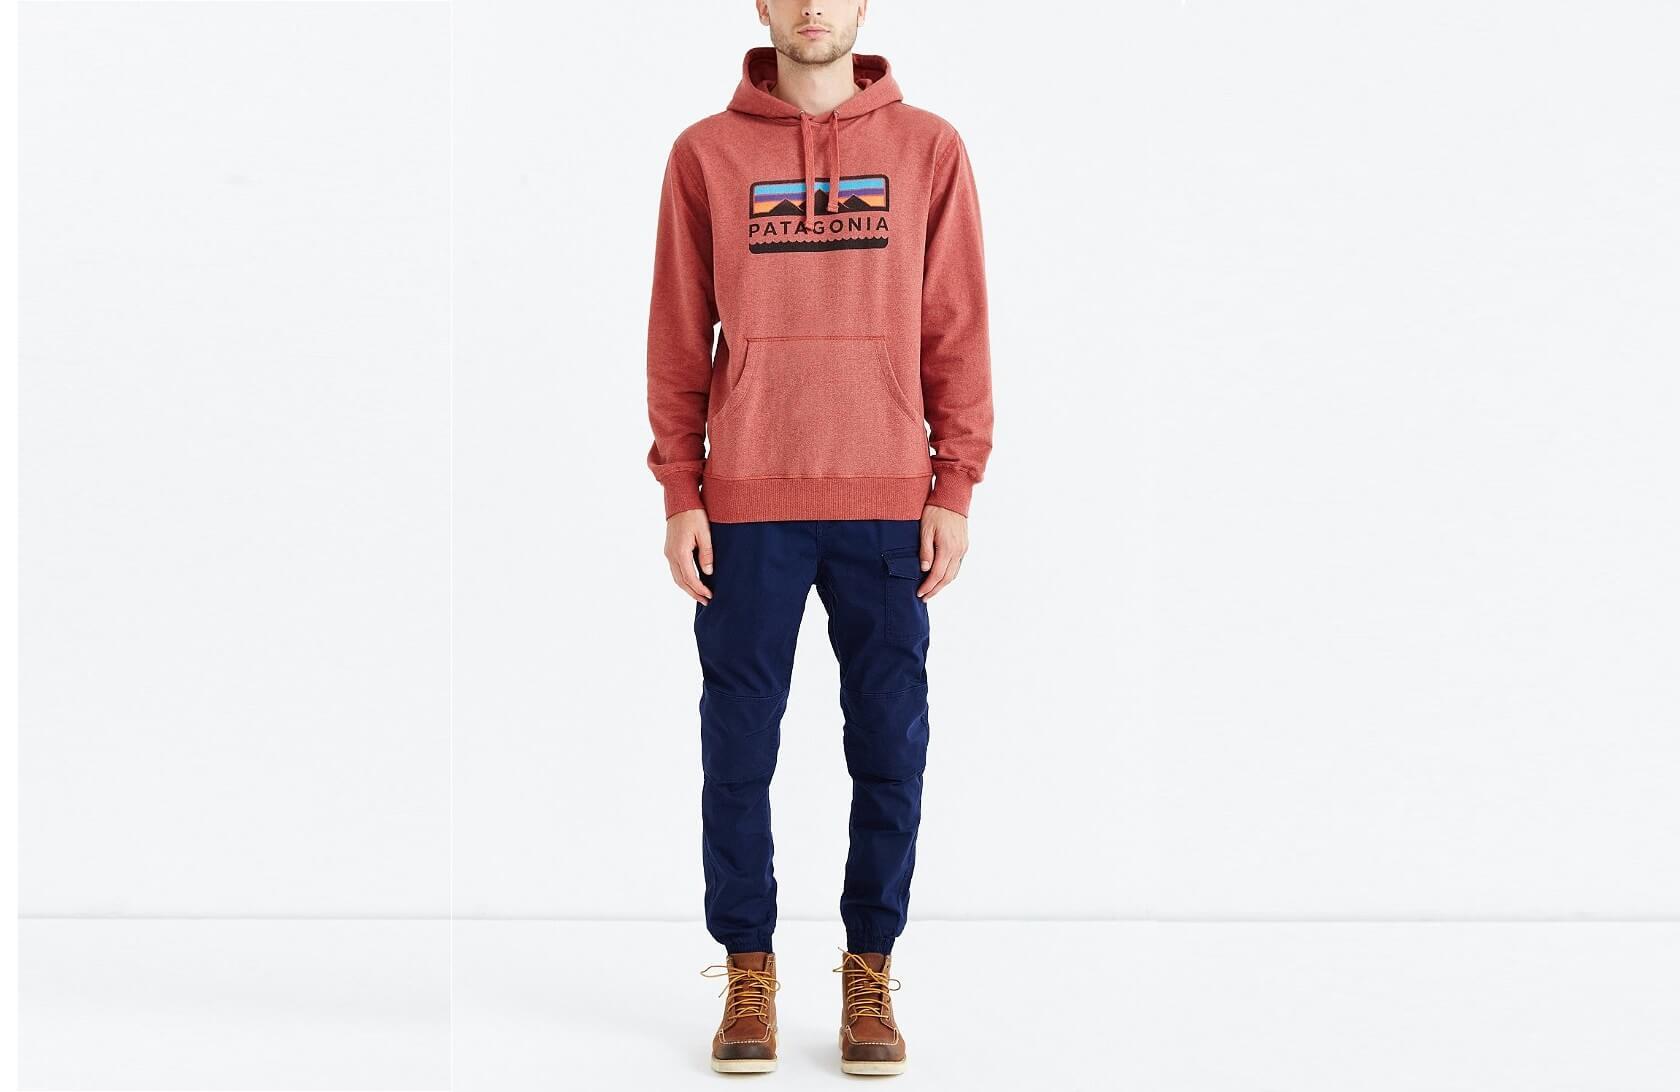 Quần jogger nam túi hộp phối hoodie (nguồn hình: Lyst)